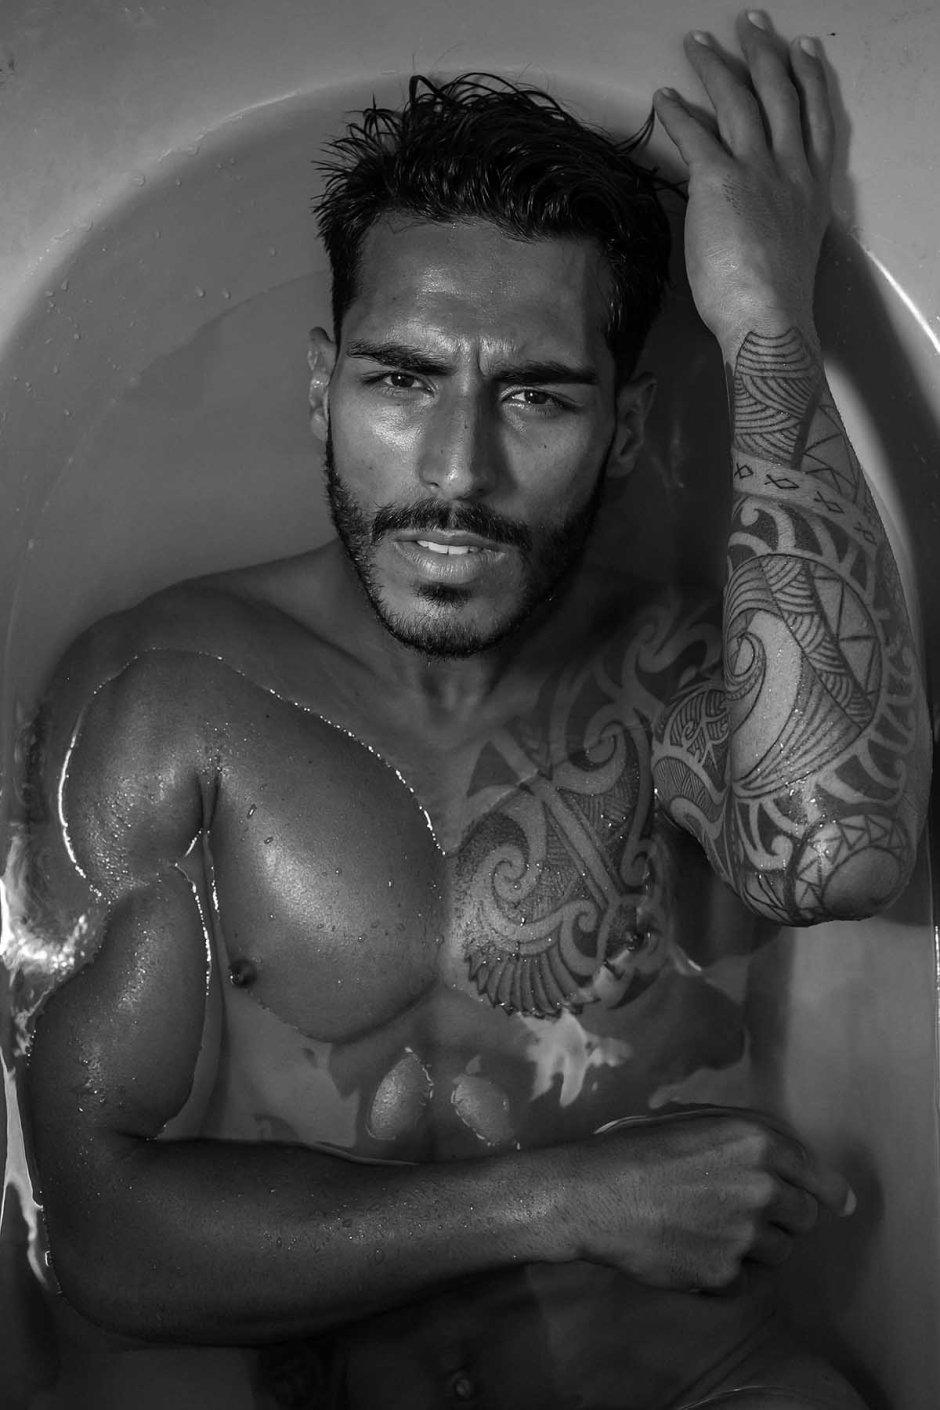 Paulo Philippe by Thiago Martini for Brazilian Male Model_011